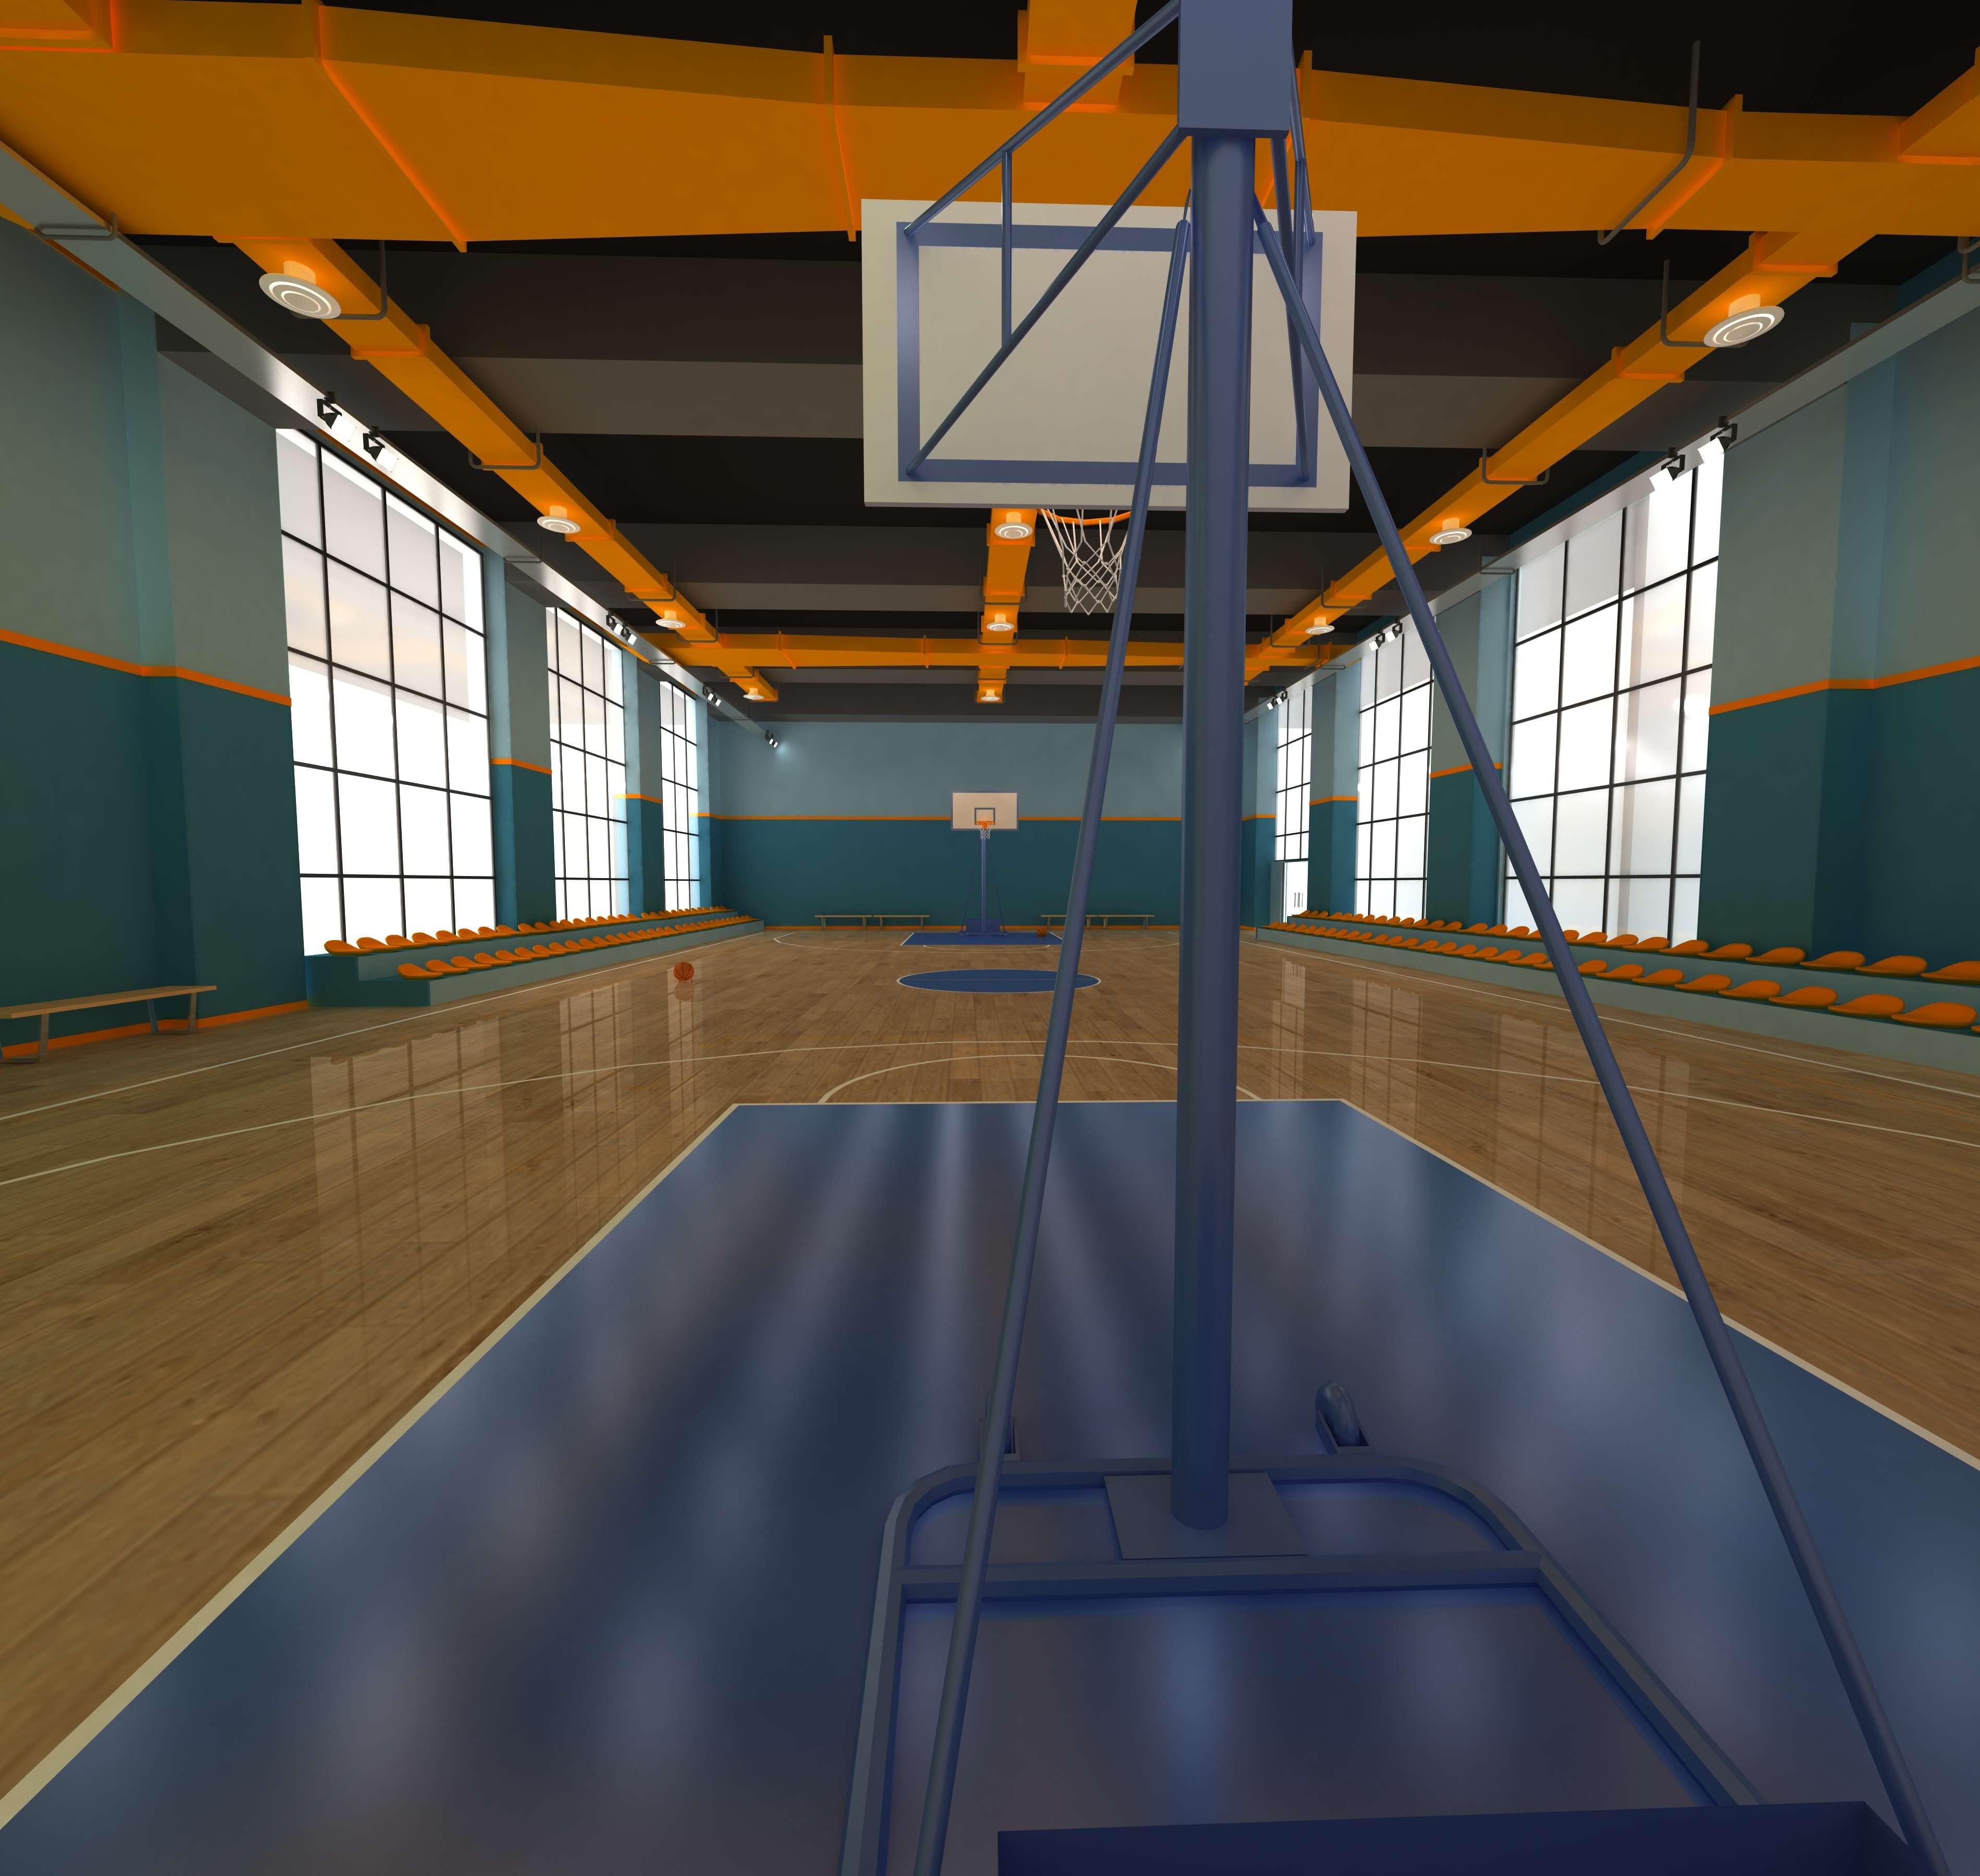 max basketball hall